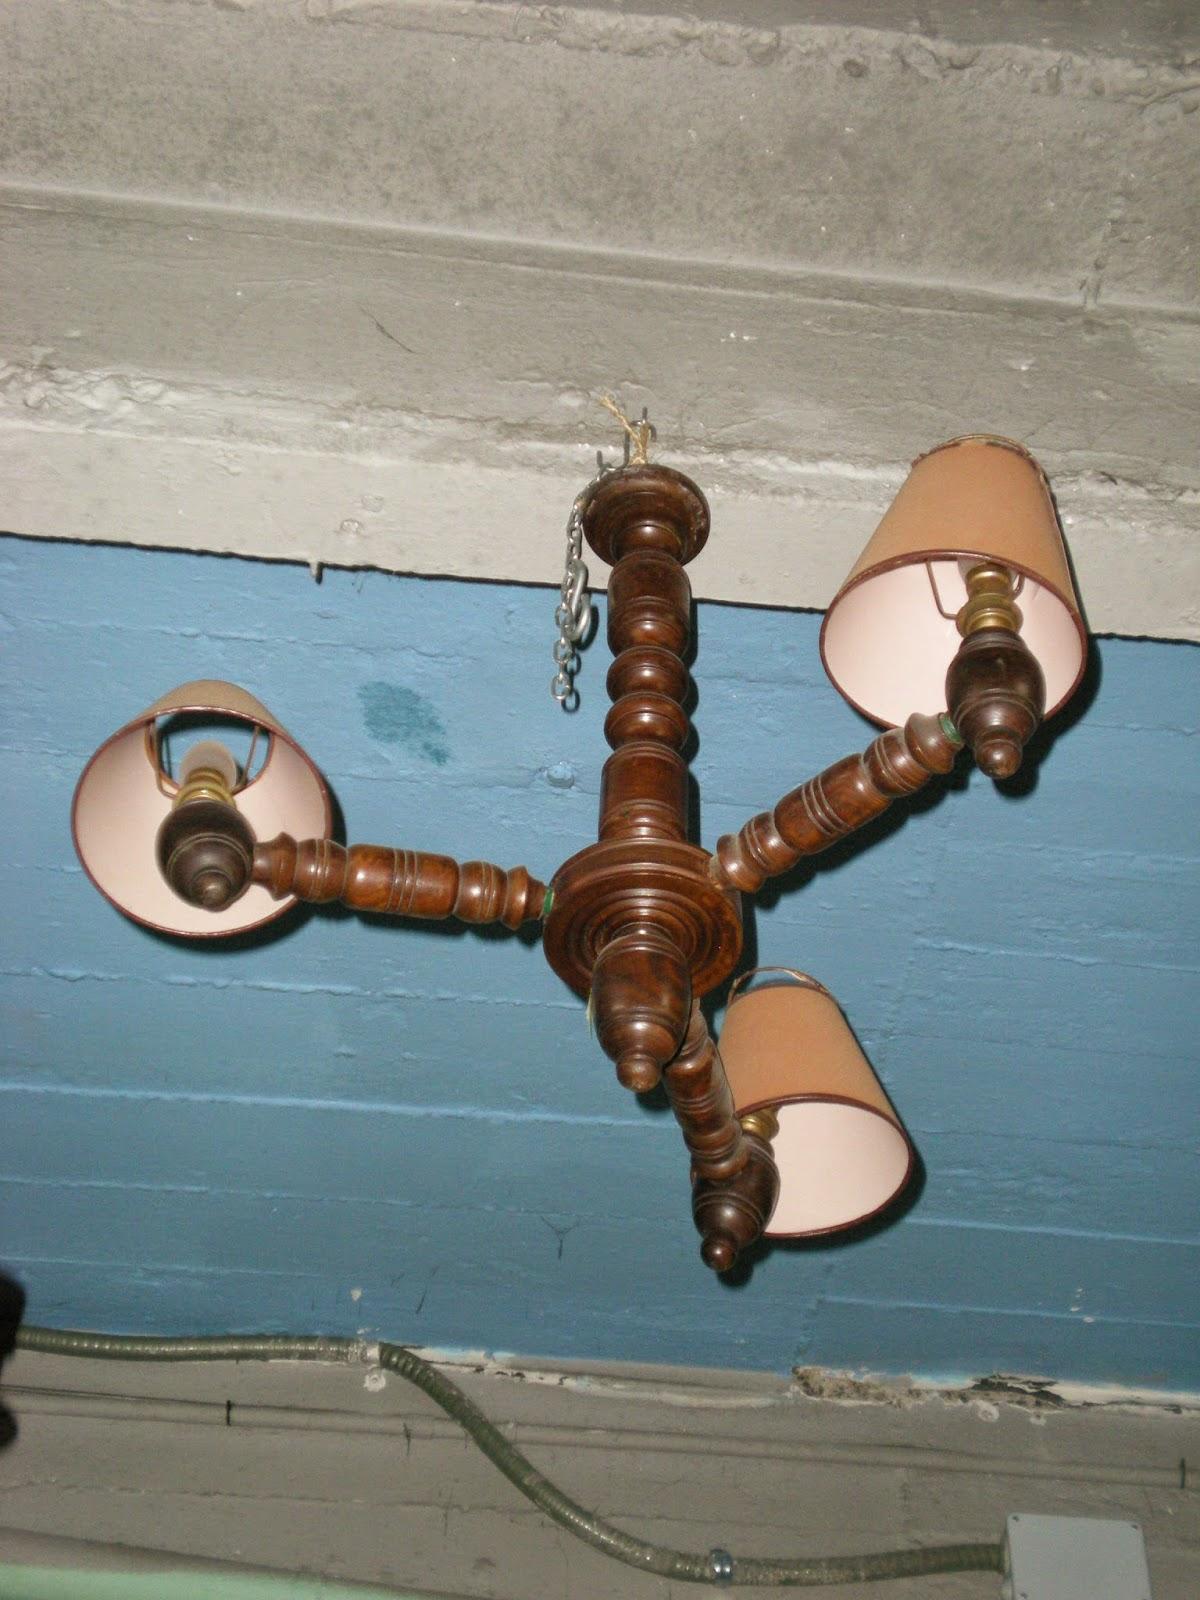 Ocasion deposit lamparas de techo de madera talladas - Lamparas de techo en madera ...